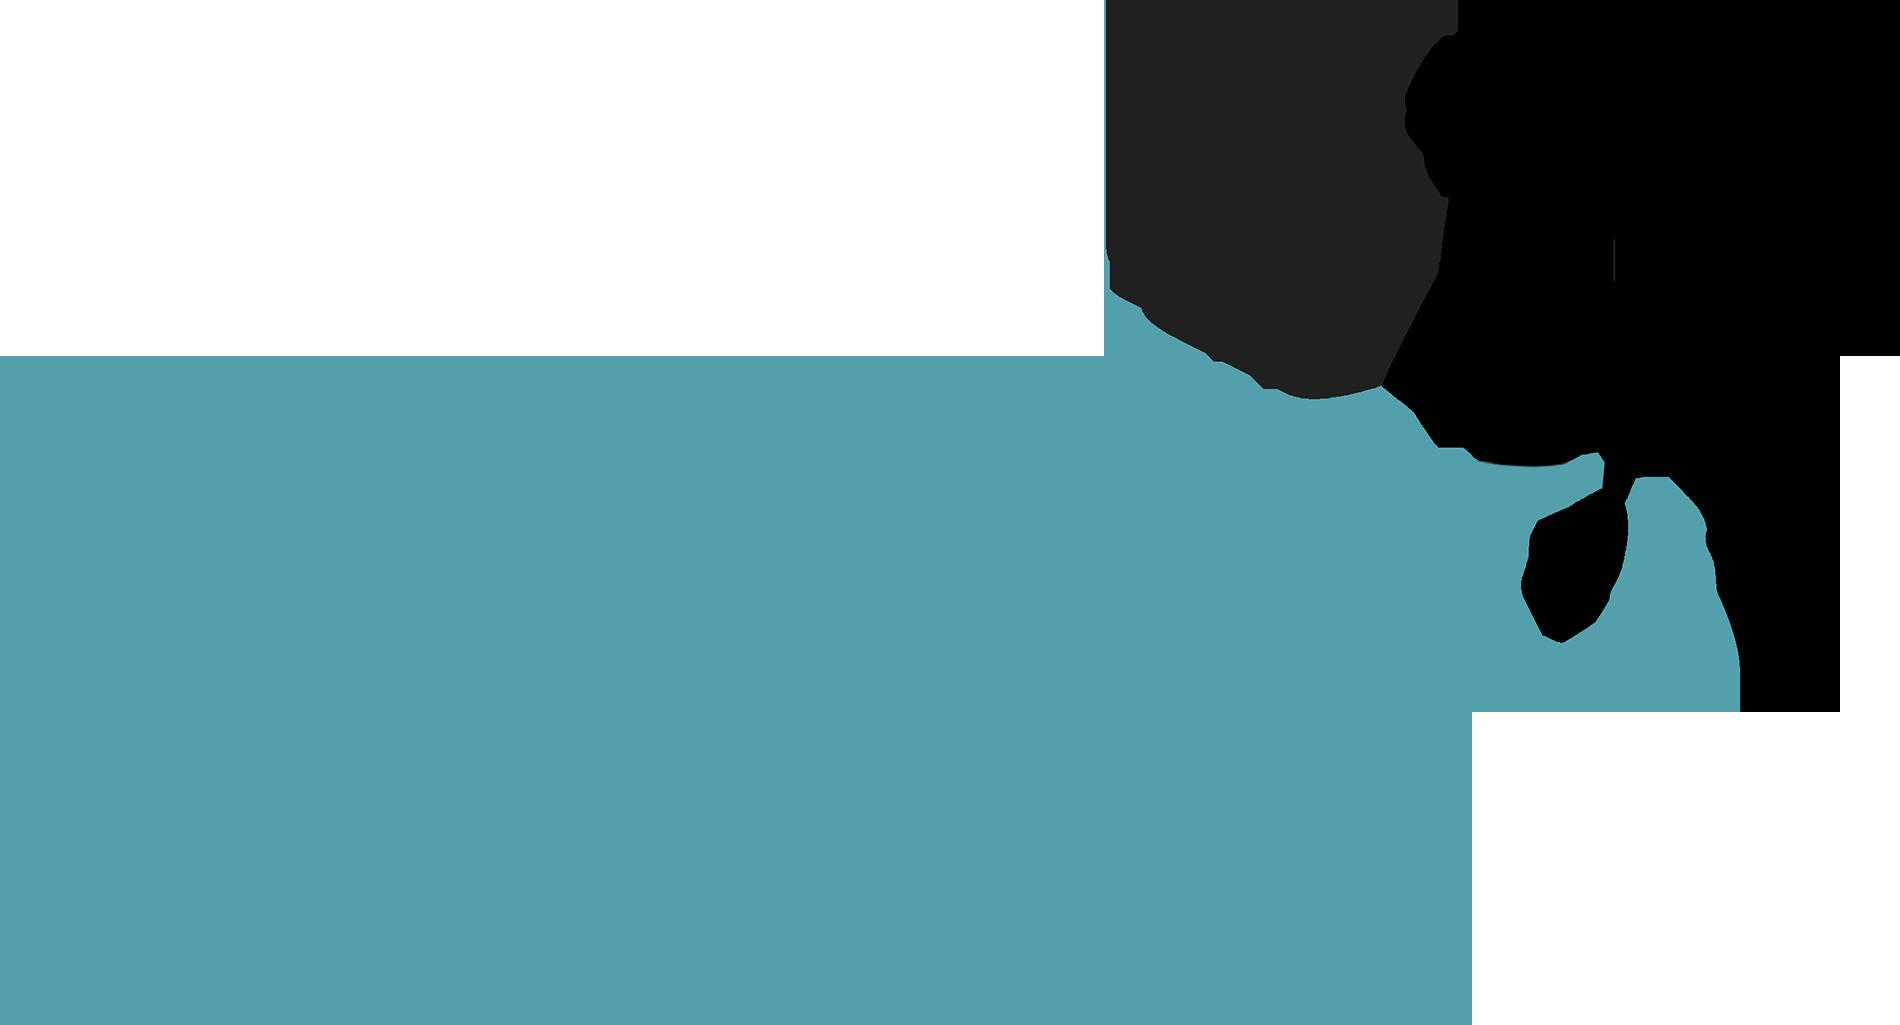 nanniified.com logo